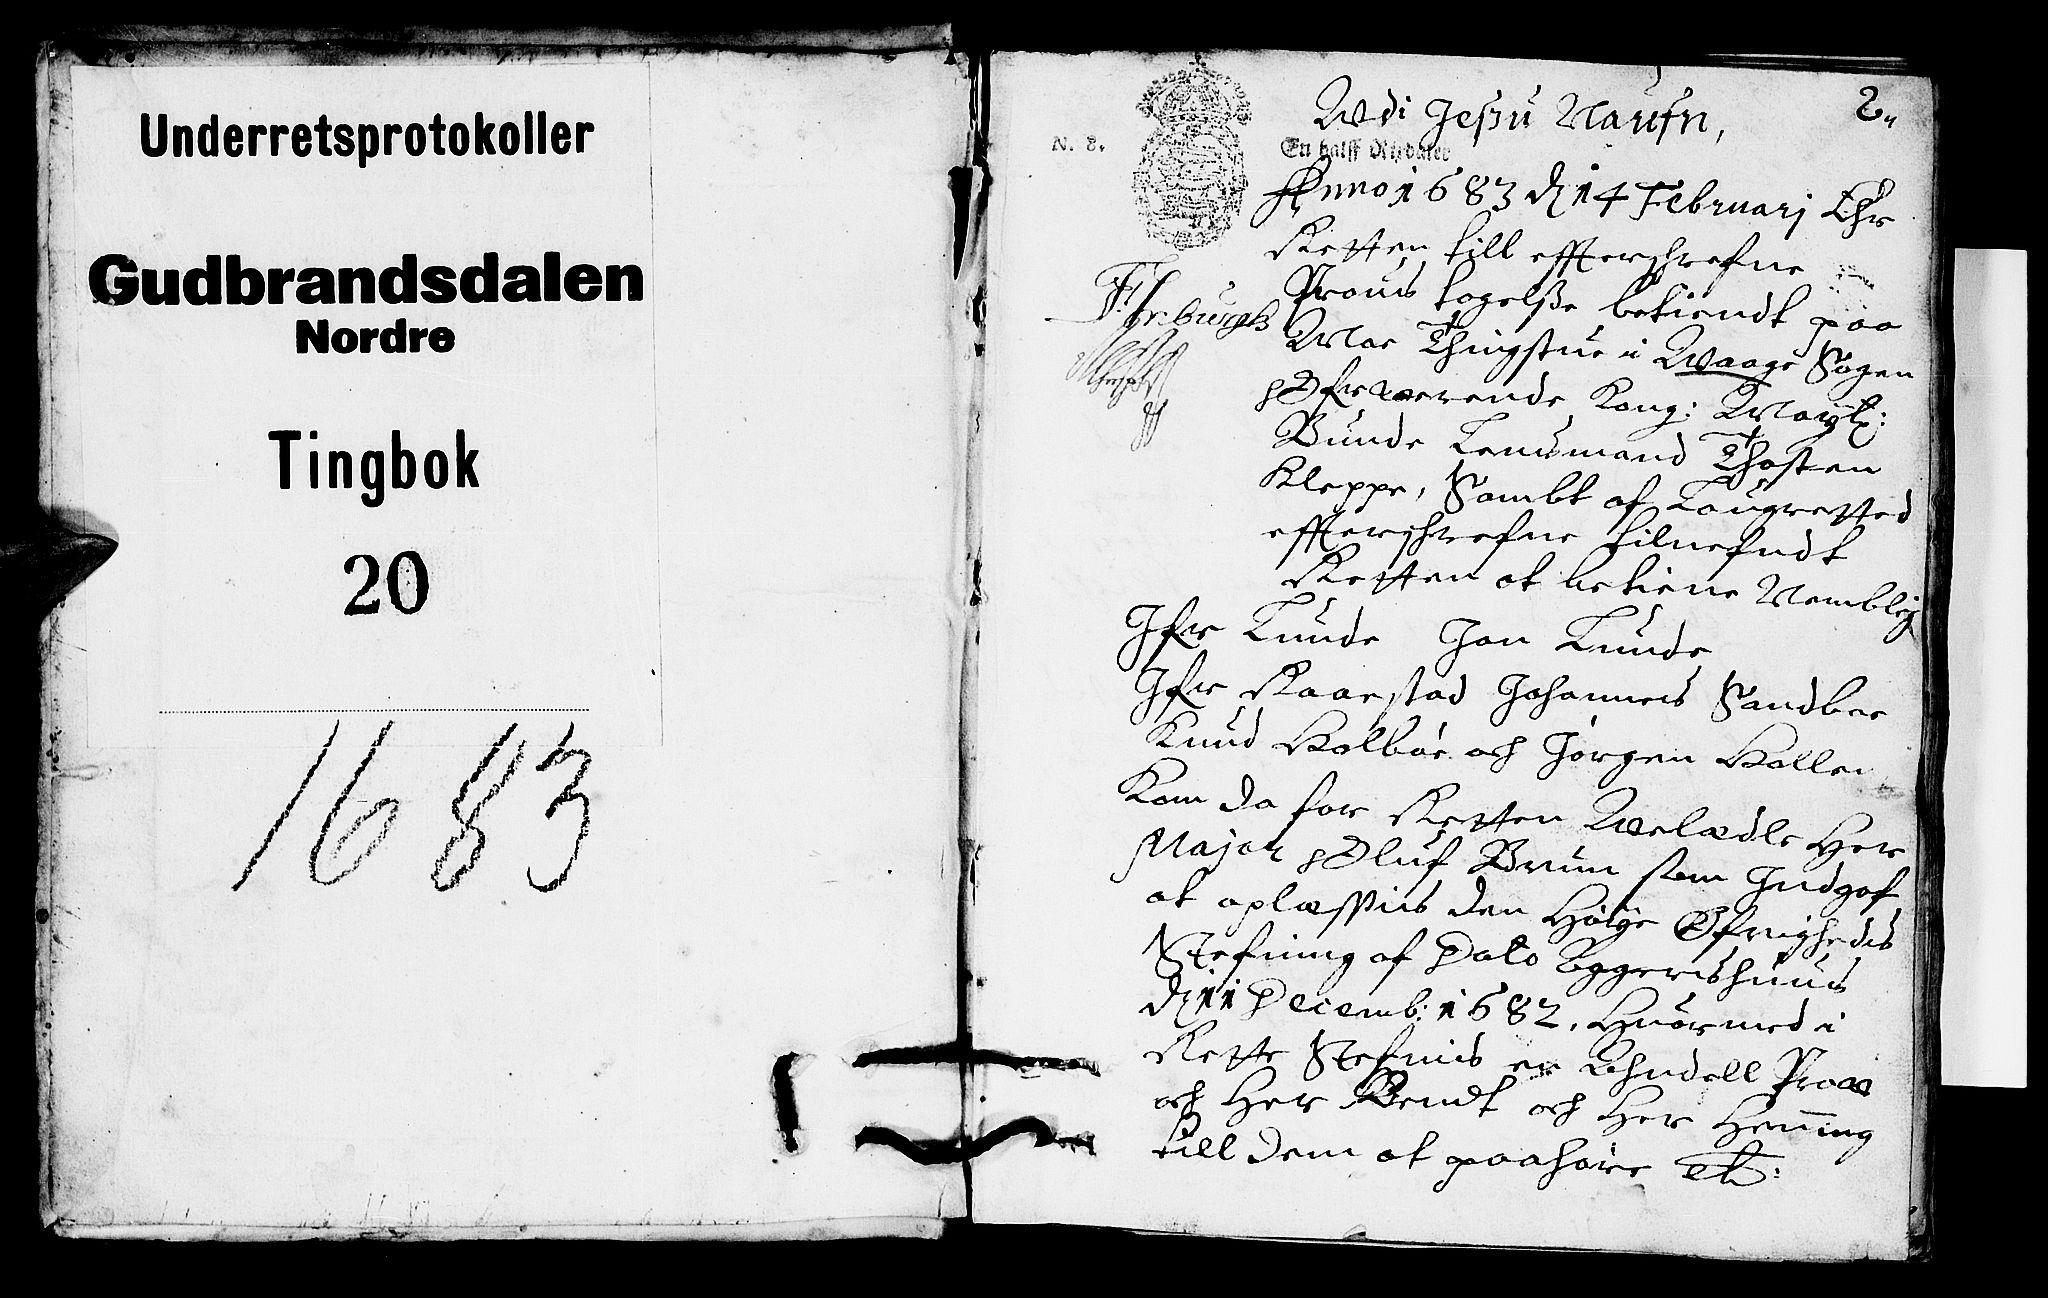 SAH, Sorenskriverier i Gudbrandsdalen, G/Gb/Gba/L0019: Tingbok - Nord-Gudbrandsdal, 1683, s. 1b-2a